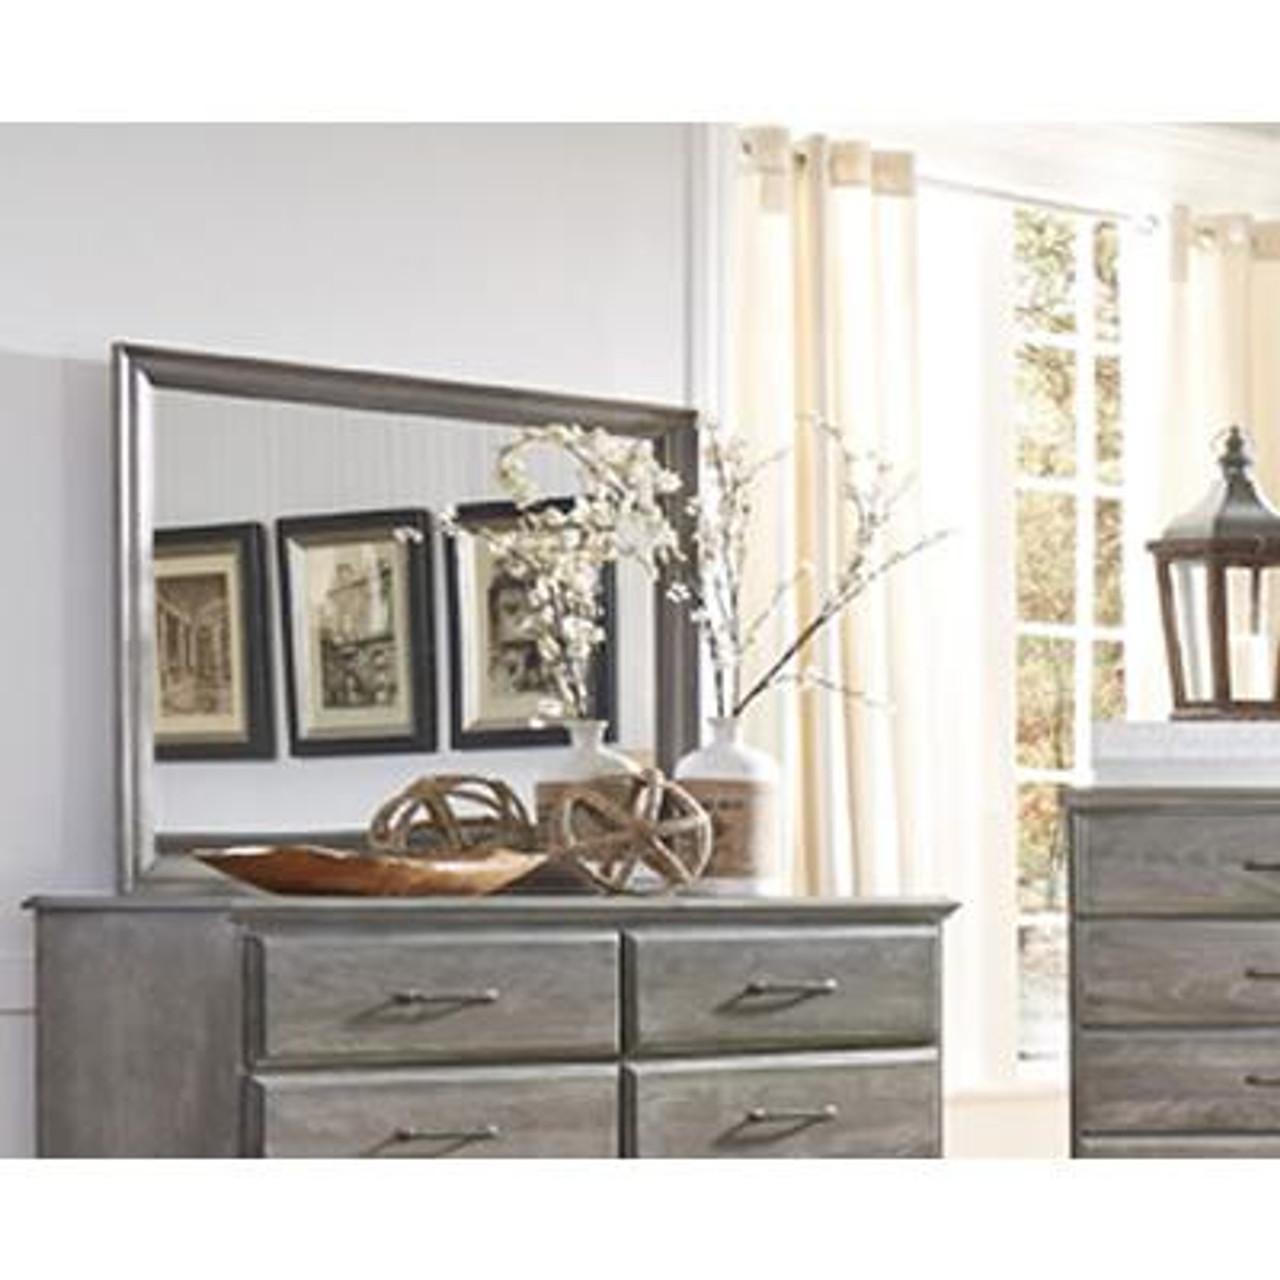 Vintage Grey Mirror - Manteo Furniture & Appliance